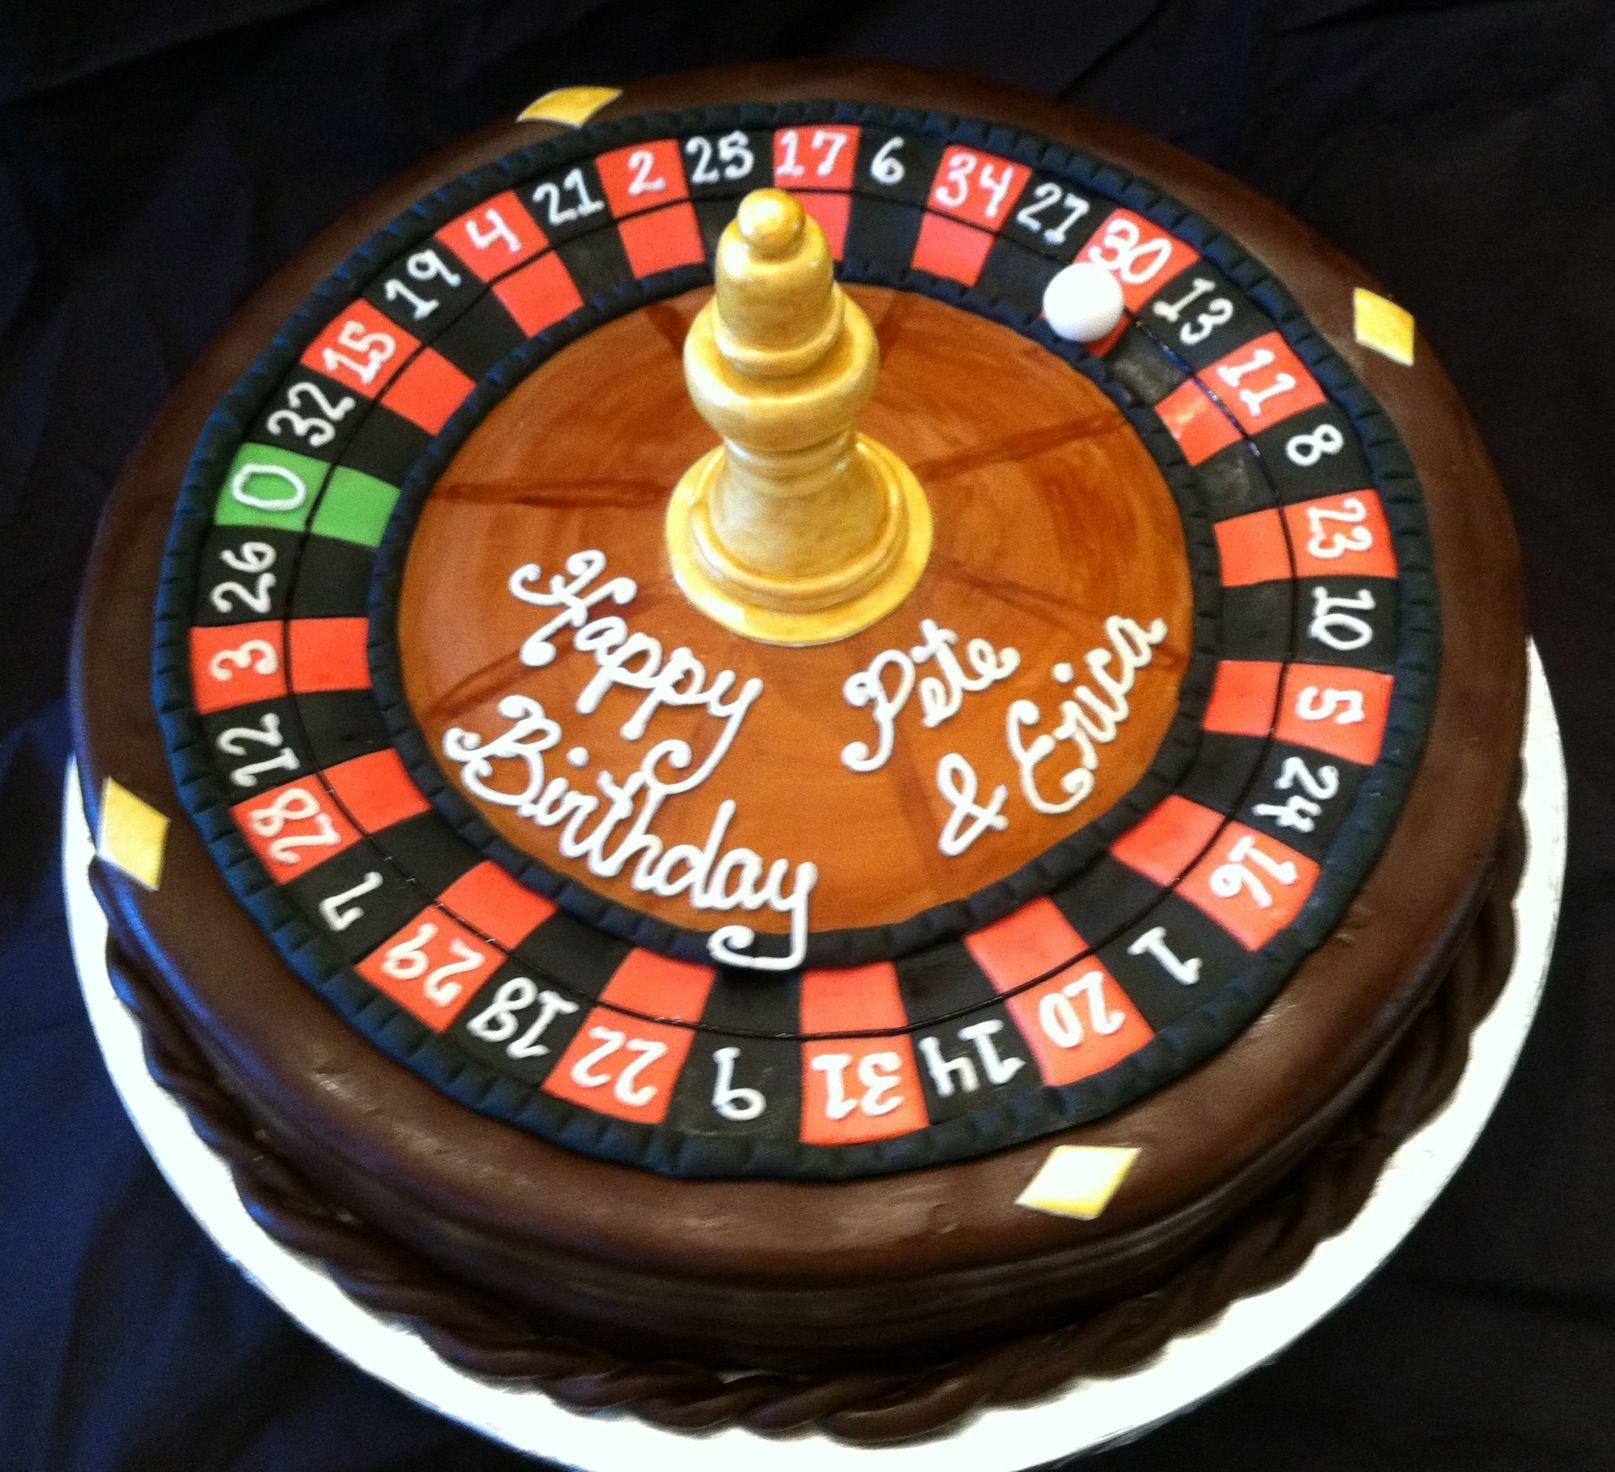 russian roulette odds calculator